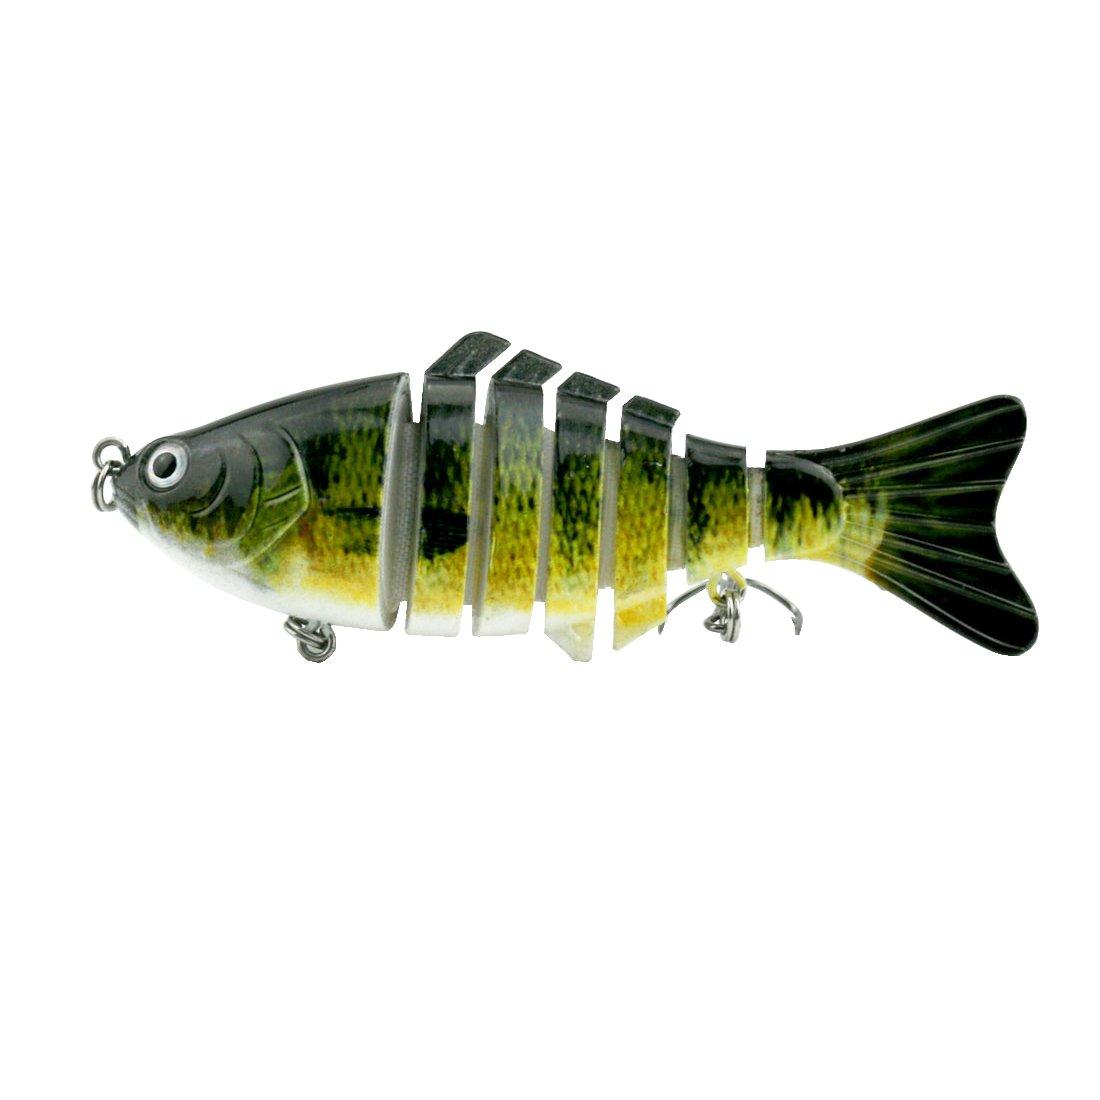 Modenpeak HJ-7S03 7 Segment Swimbait Lures Crankbaits Baits Hard Bait Fishing Lures 4'' 0.8oz by Modenpeak (Image #4)